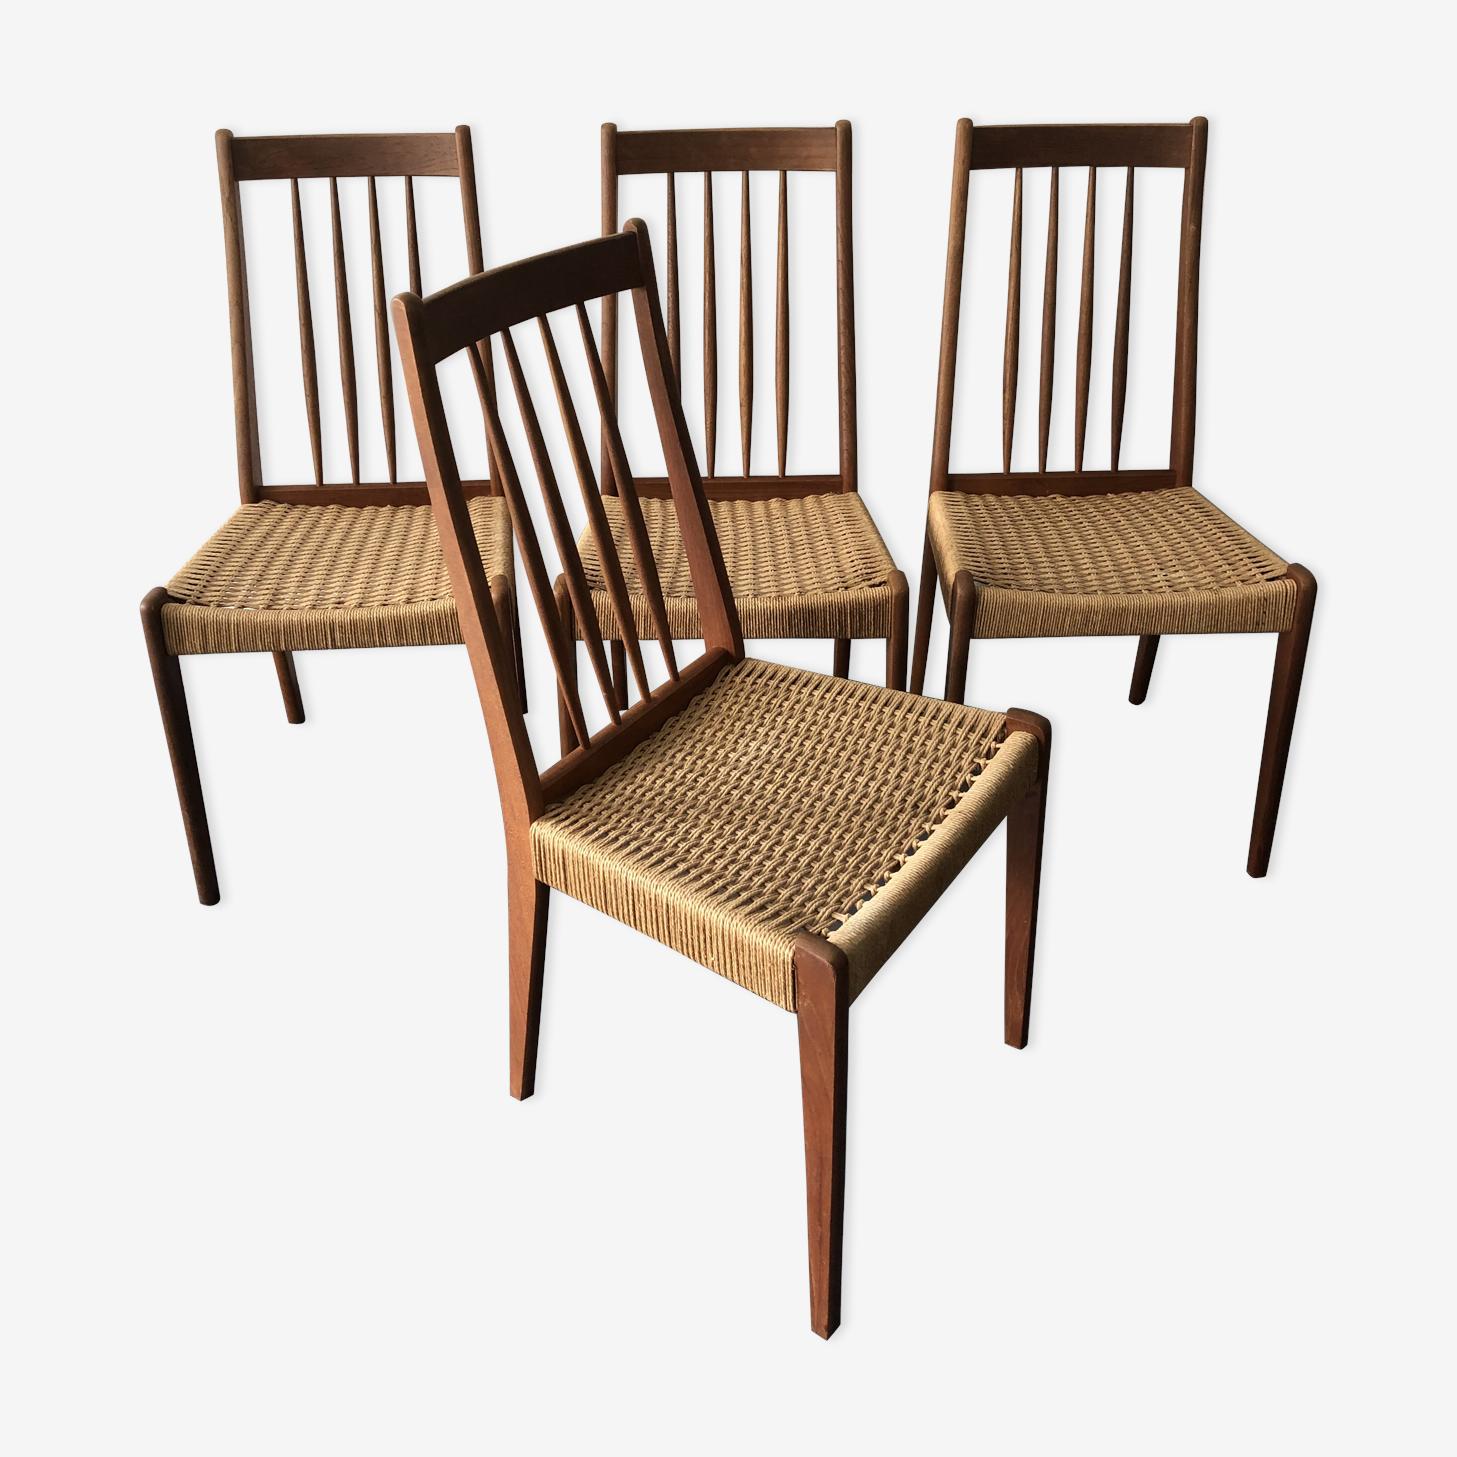 Série de 4 chaises scandinaves en teck et corde, années 60